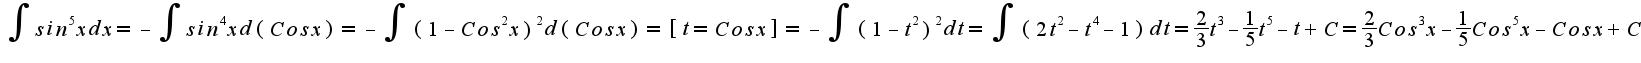 $\int sin^{5}x dx = -\int sin^{4}x d(Cosx) = -\int (1-Cos^{2}x)^2 d(Cosx)= [t=Cosx]= -\int (1-t^2)^2dt = \int (2t^2-t^4-1)dt = \frac{2}{3}t^3-\frac{1}{5}t^5-t+C=\frac{2}{3}Cos^{3}x-\frac{1}{5}Cos^{5}x-Cosx+C$